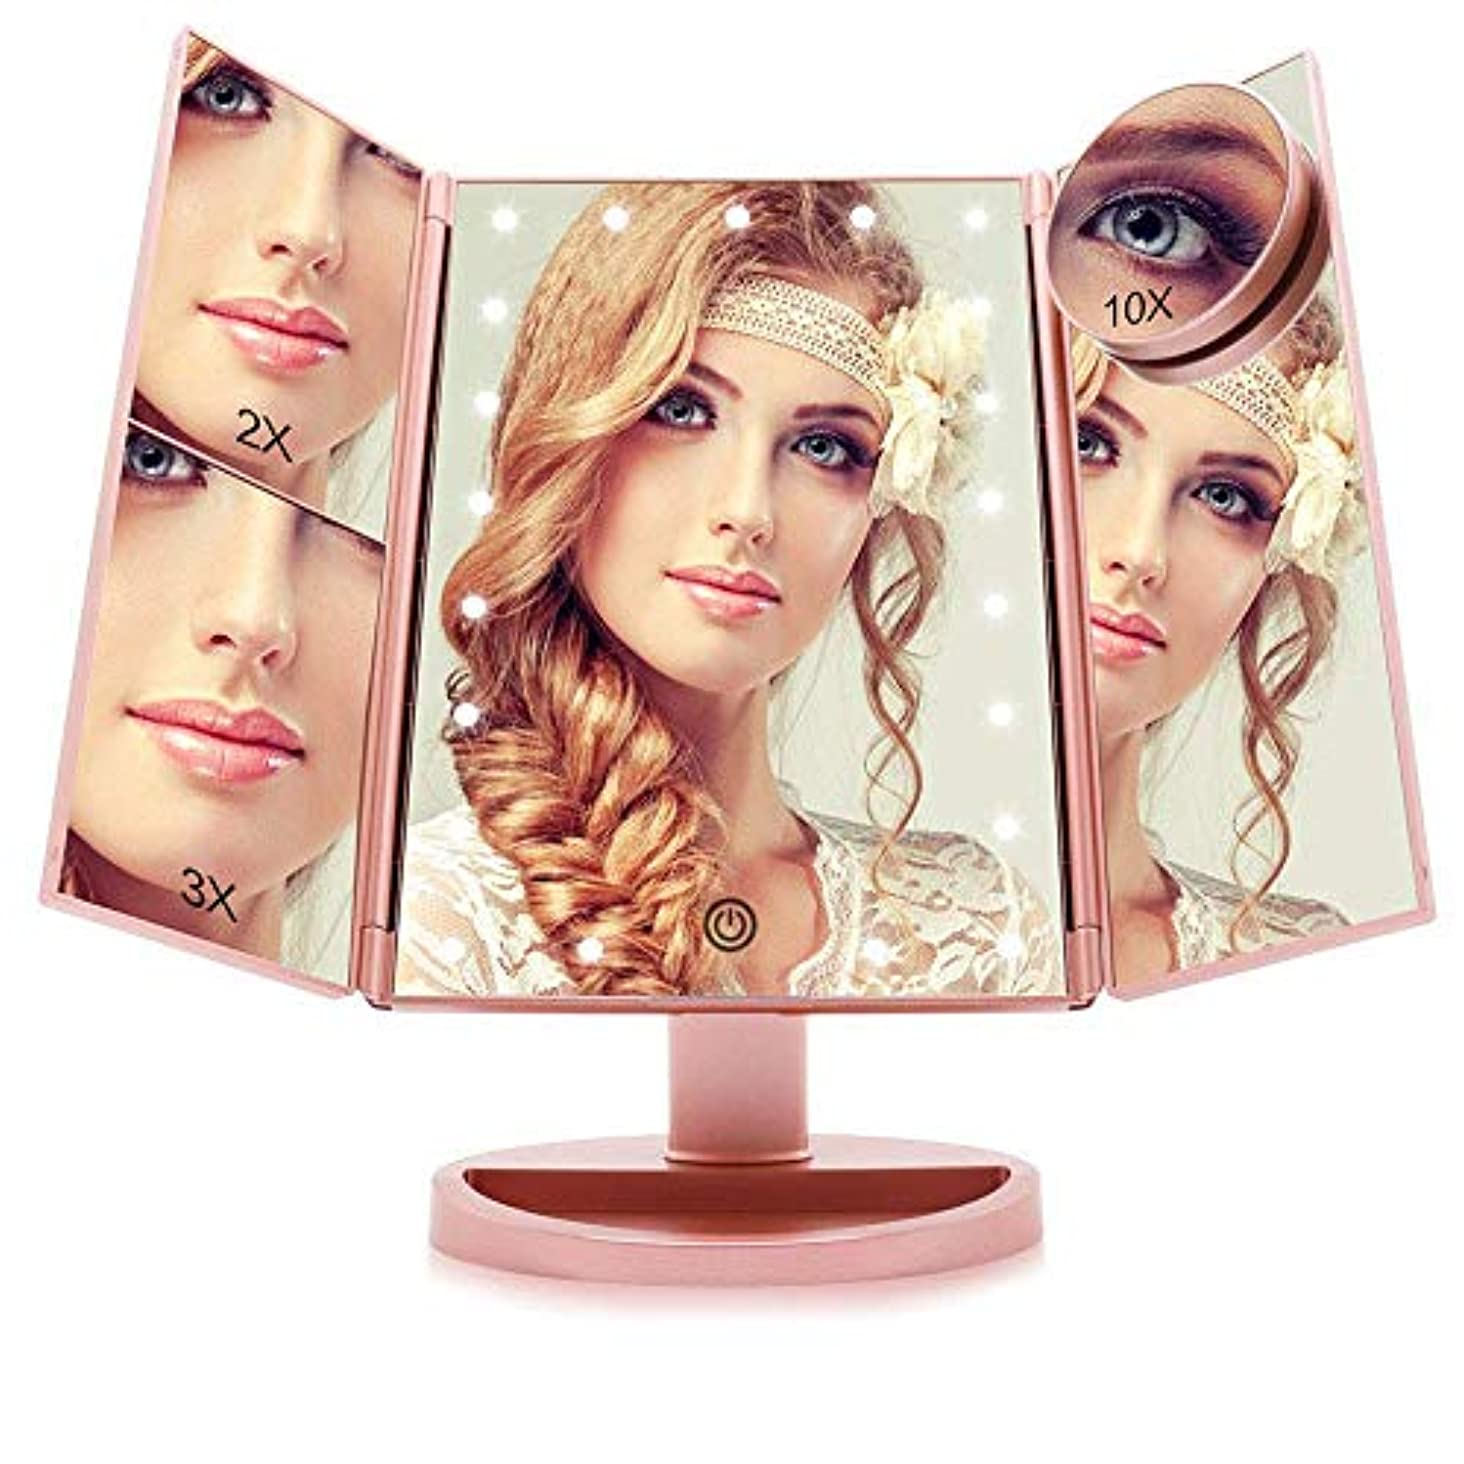 代わりに静的炭素Funtouch 化粧鏡 三面鏡 化粧ミラー 卓上ミラー 鏡 led付き 折りたたみ 2&3&10倍拡大鏡付き 明るさ調節可能 180°回転 プレゼント(Rose Gold)